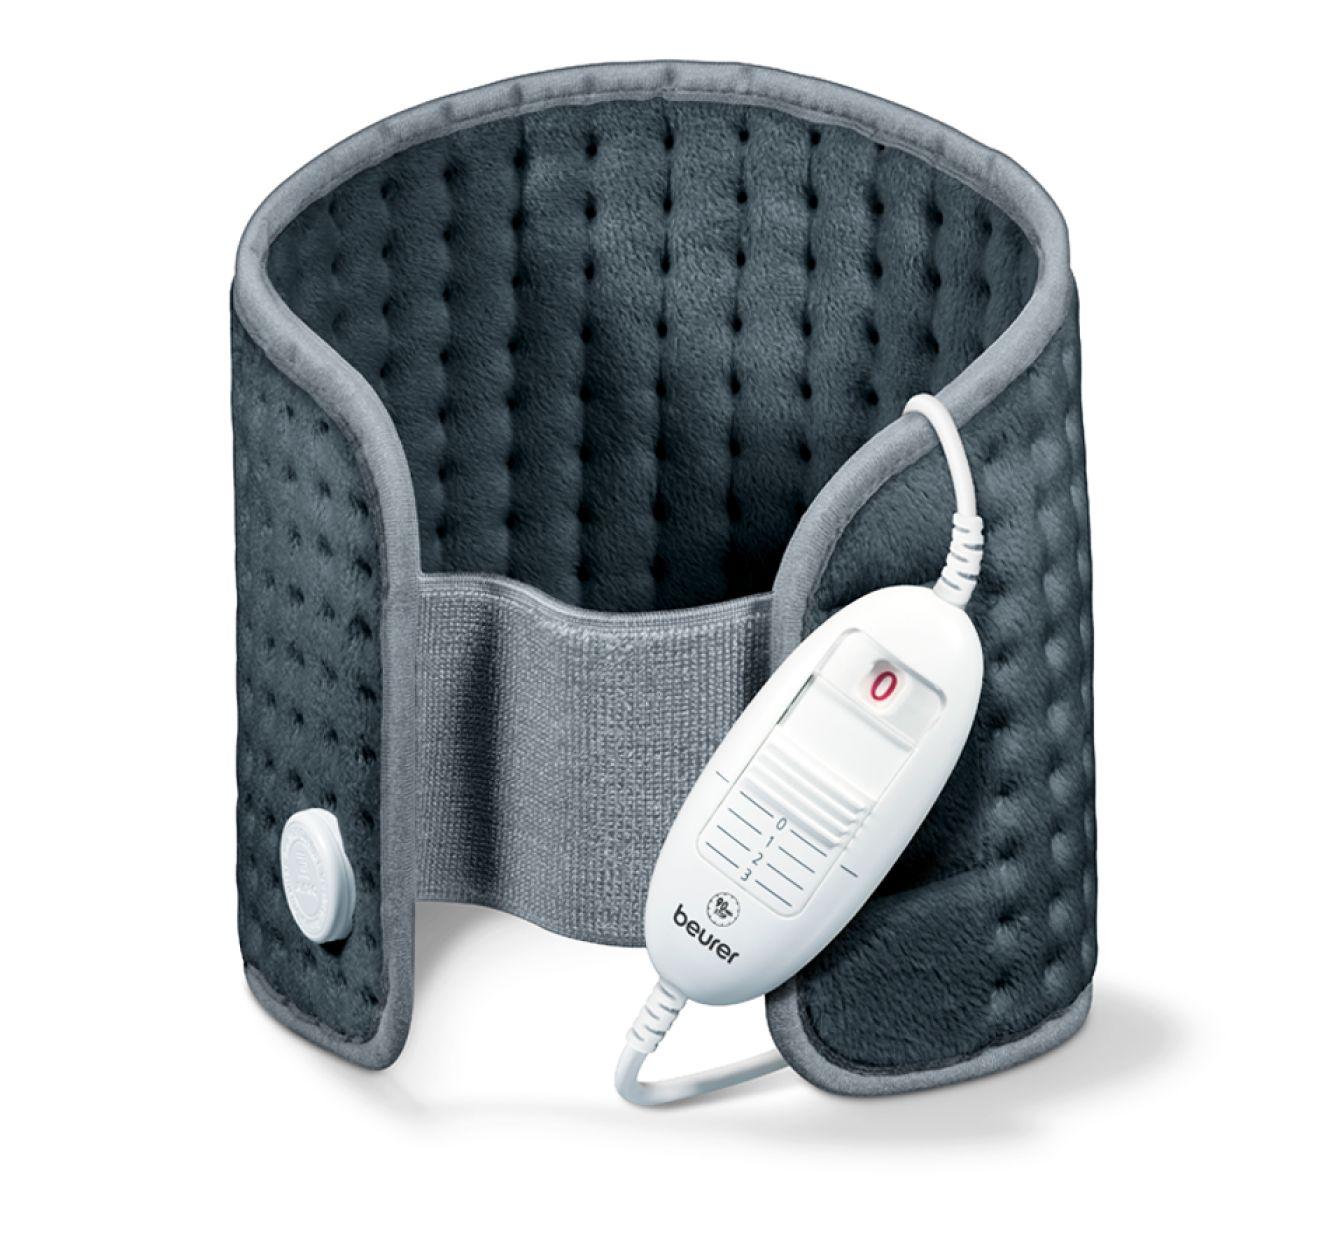 Termoforo elettrico per addome e schiena BEURER HK 49 COSY in micropile traspirante per scaldare e rilassare la muscolatura, colore grigio